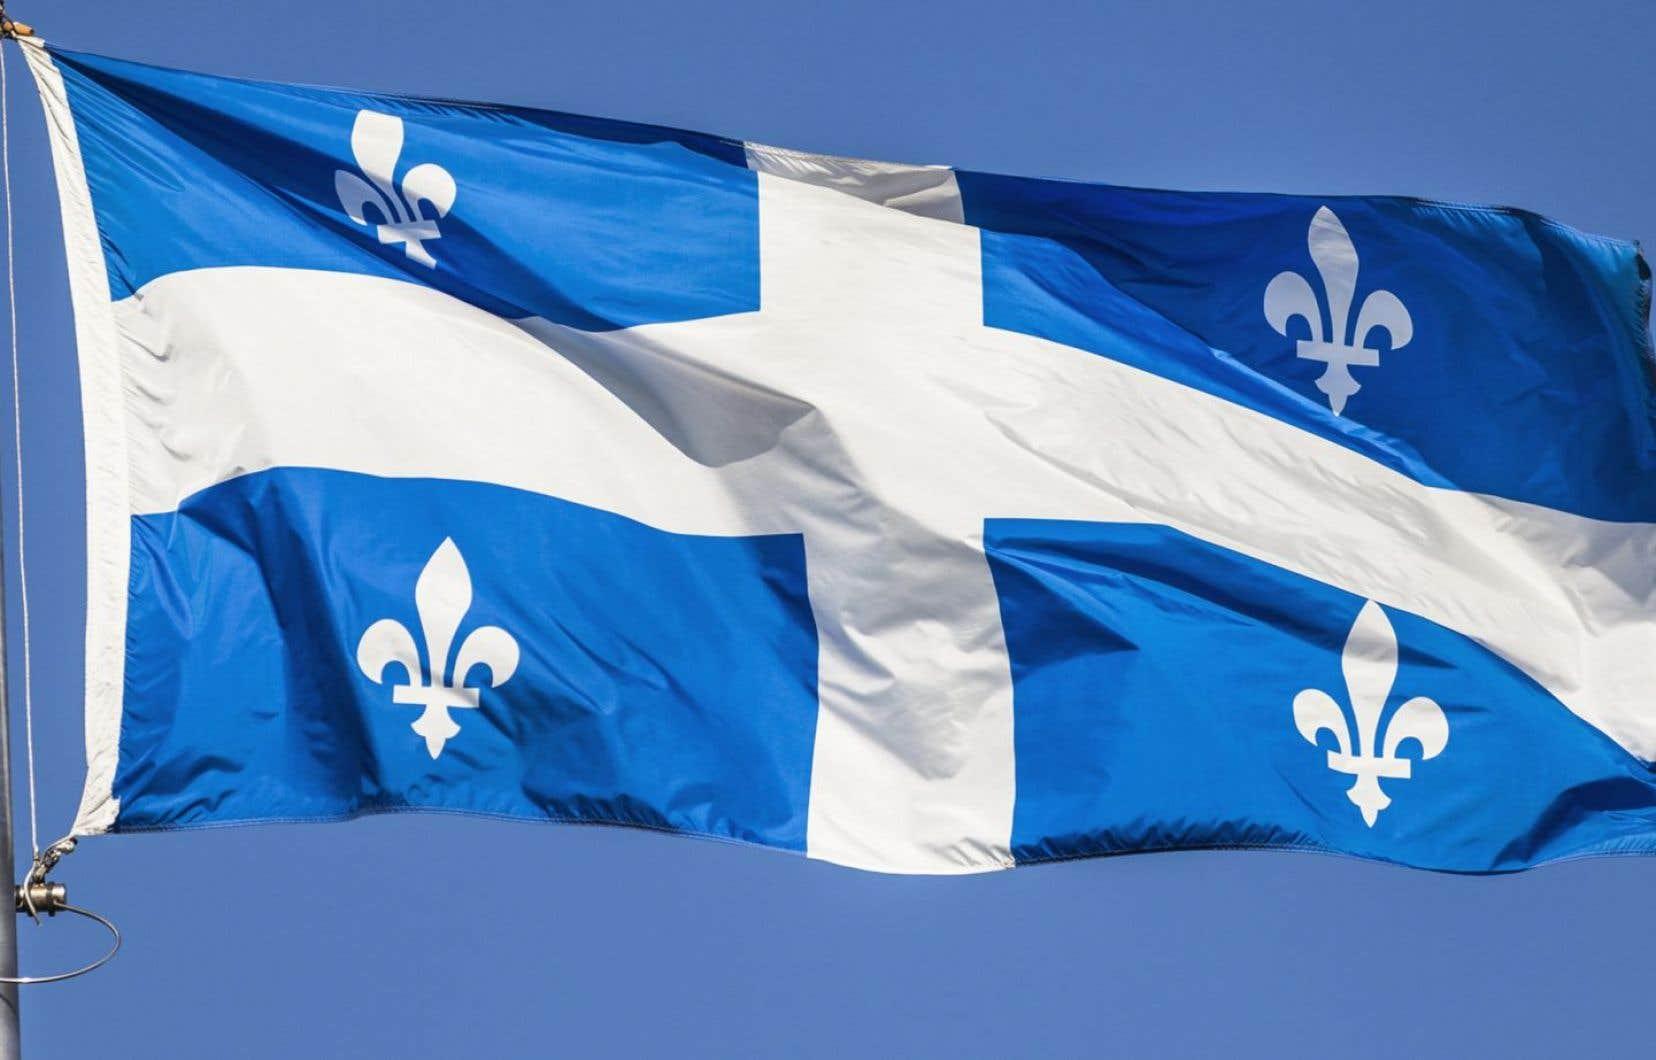 L'élection d'une majorité de députés indépendantistes à l'Assemblée nationale est nécessaire pour enclencher une démarche constituante du peuple québécois.